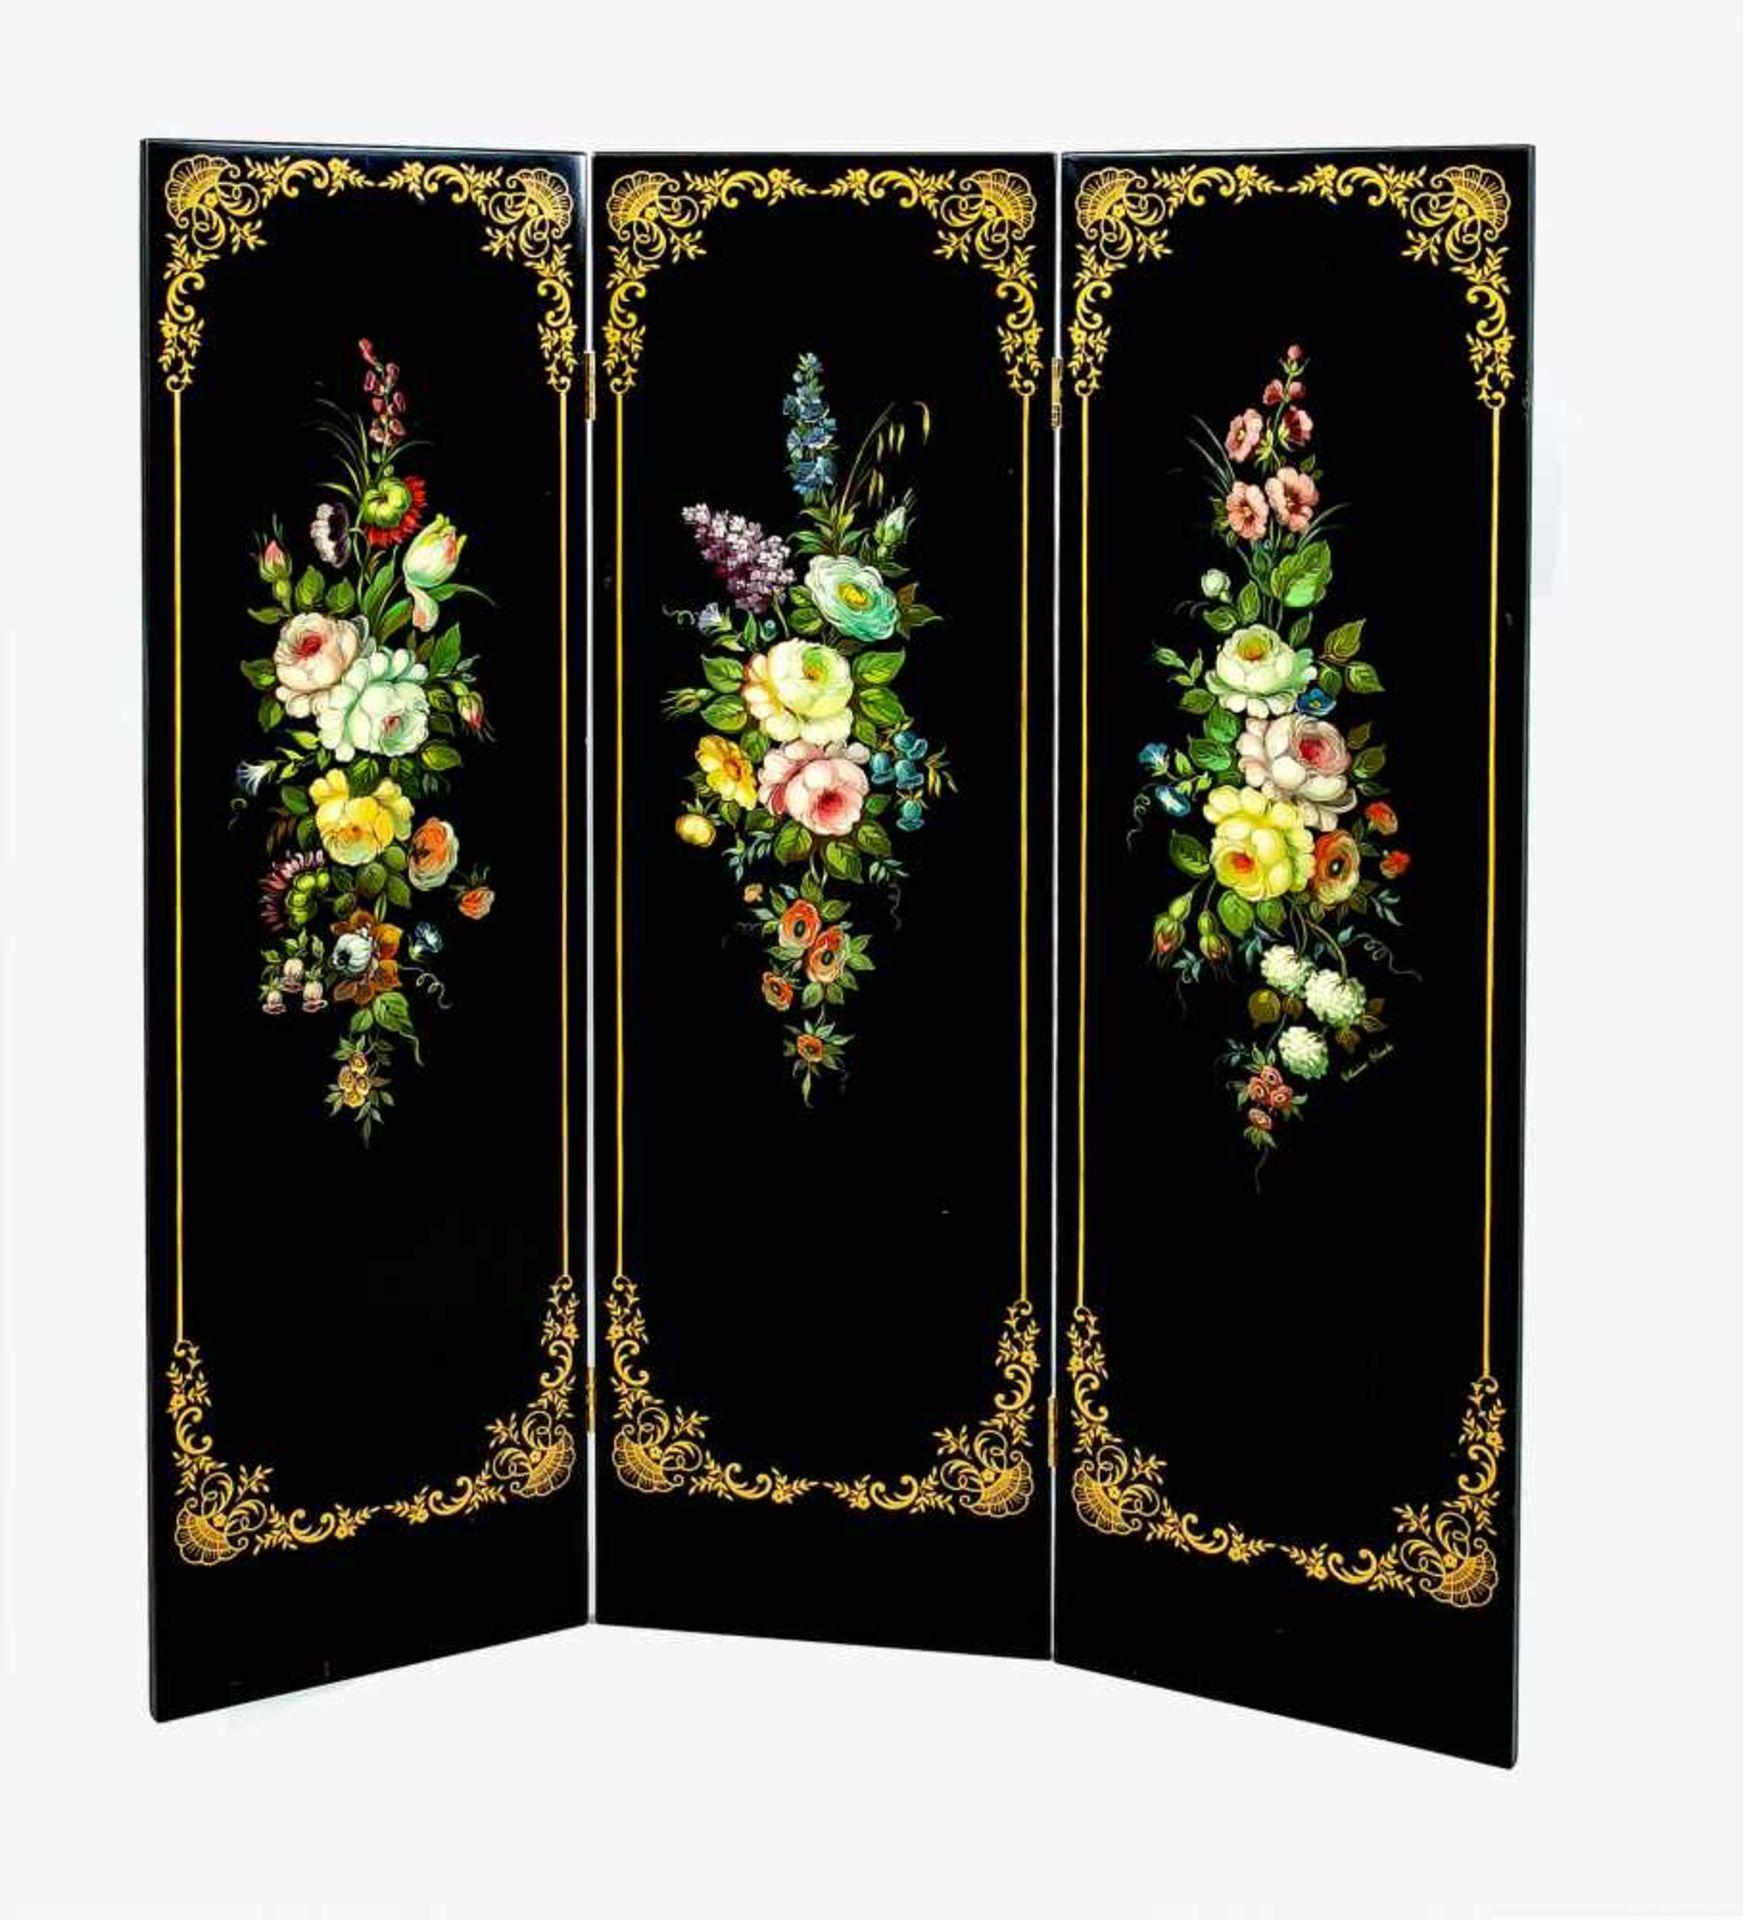 Paravent, 20. Jh., Holzpaneele mit schwarzem Lacküberzug und Blumen-Weichmalerei.